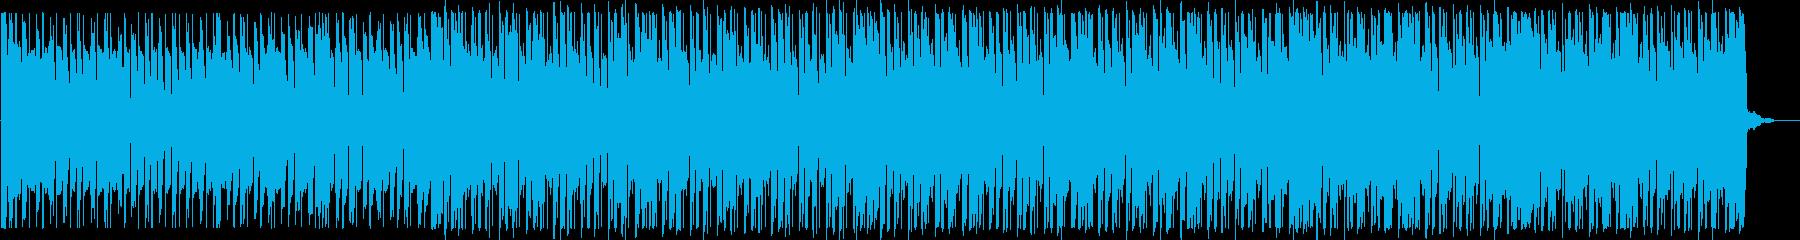 疾走感のあるディスコ_No582_3の再生済みの波形